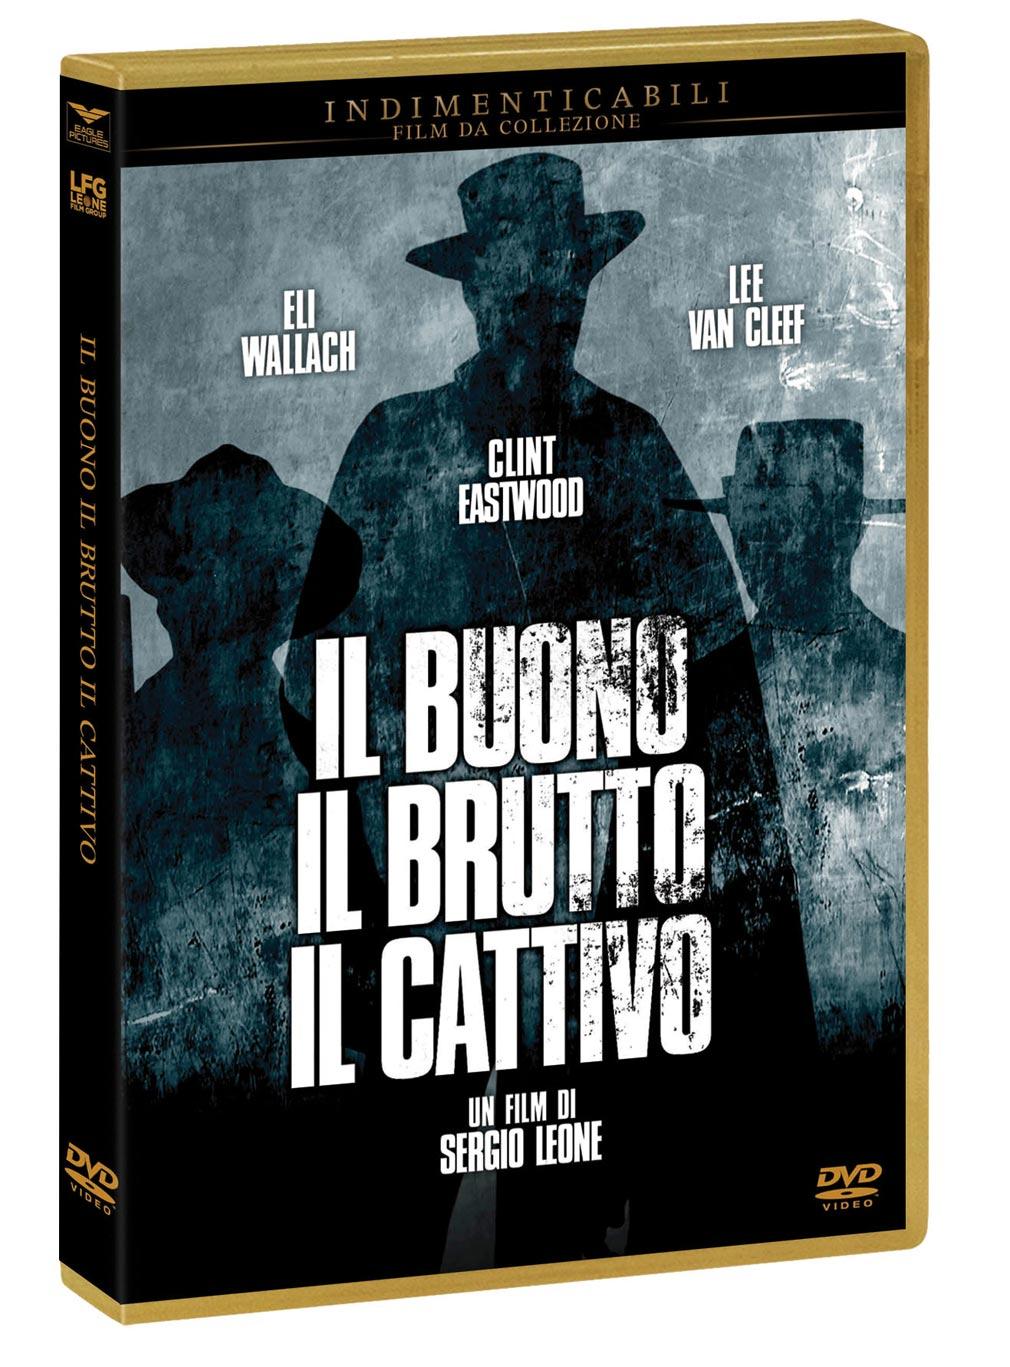 IL BUONO IL BRUTTO E IL CATTIVO (INDIMENTICABILI) (DVD)